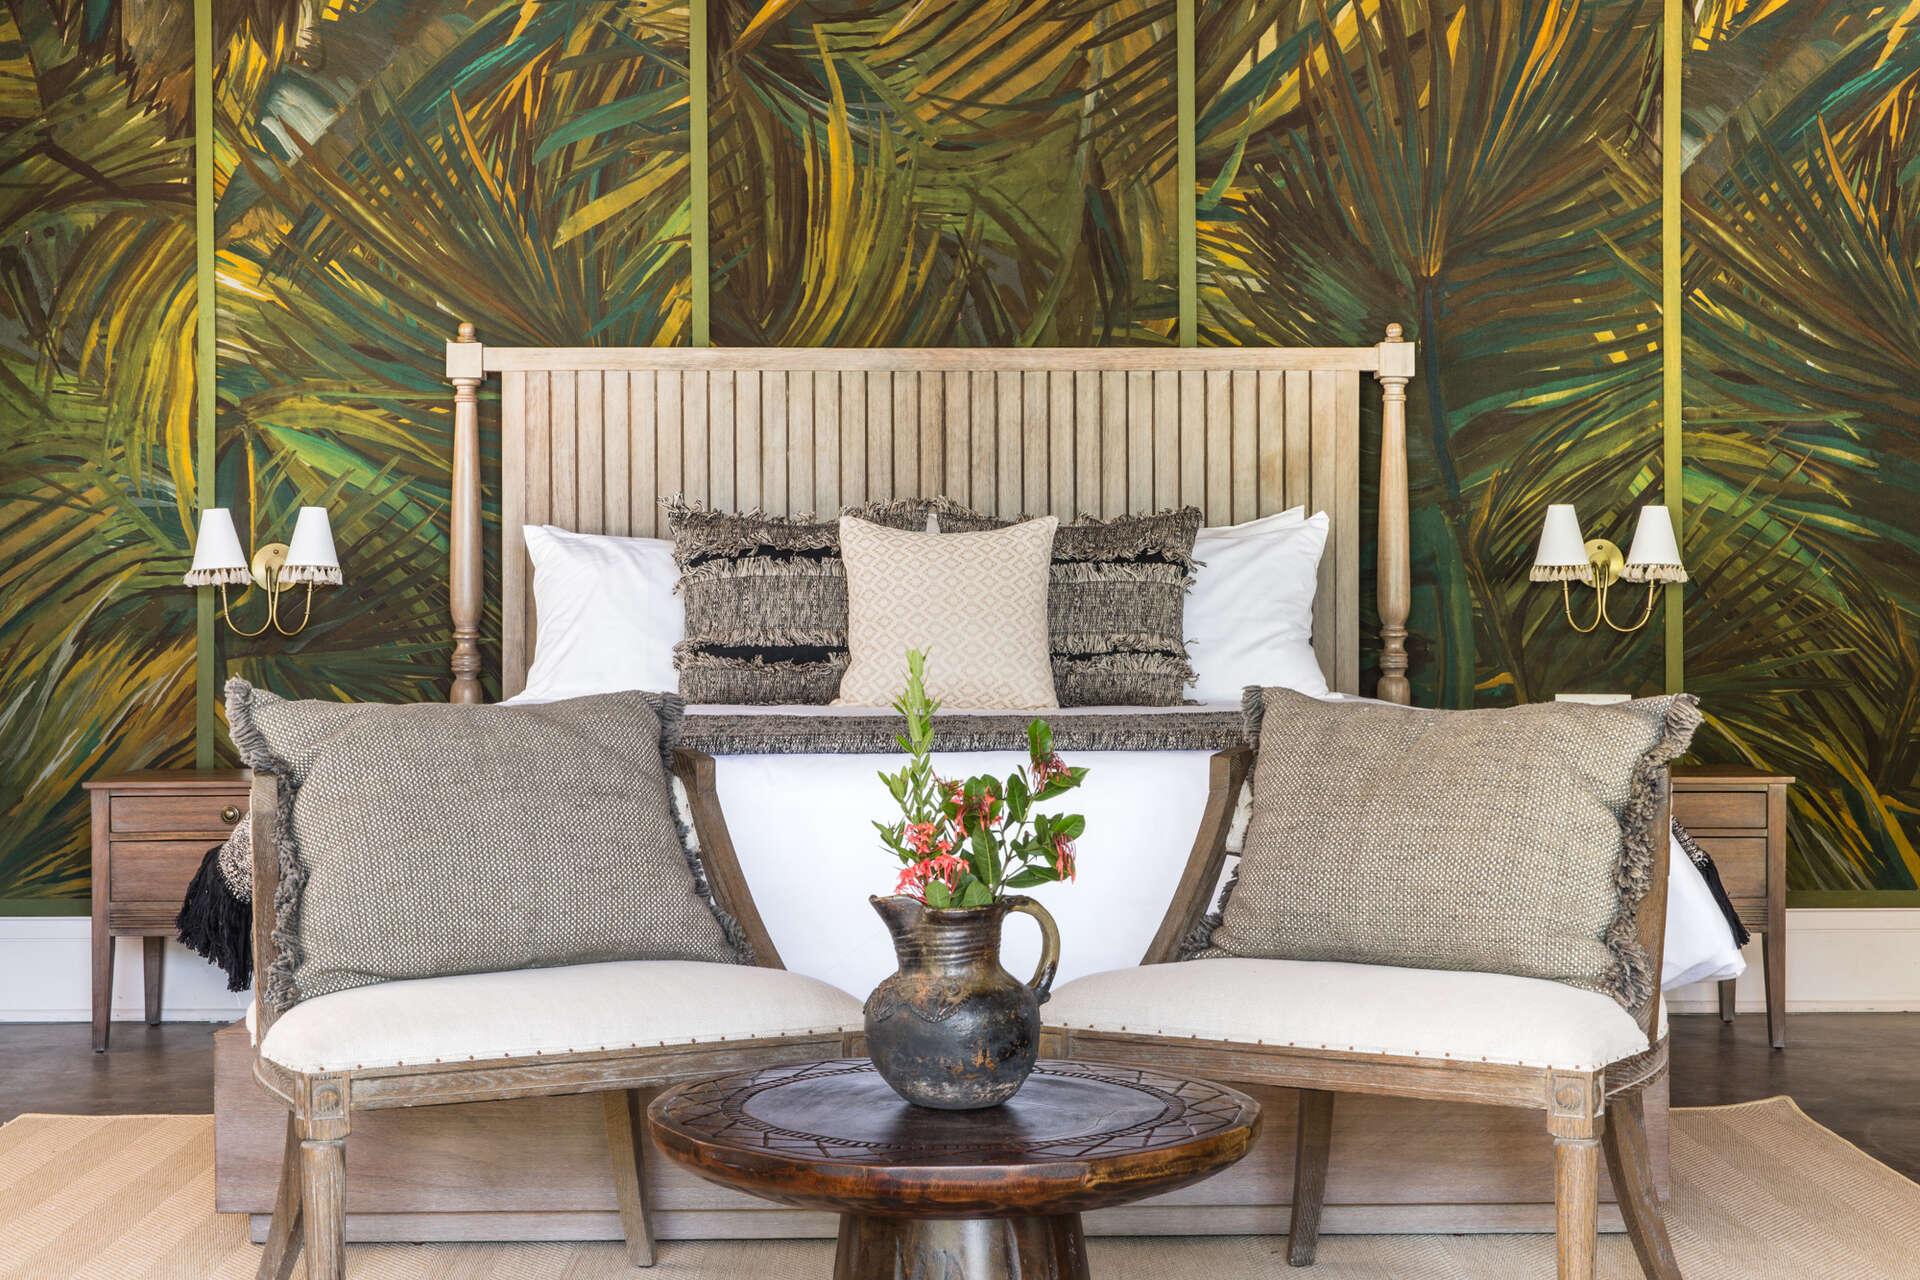 - Beachfront Suite - Image 1/5